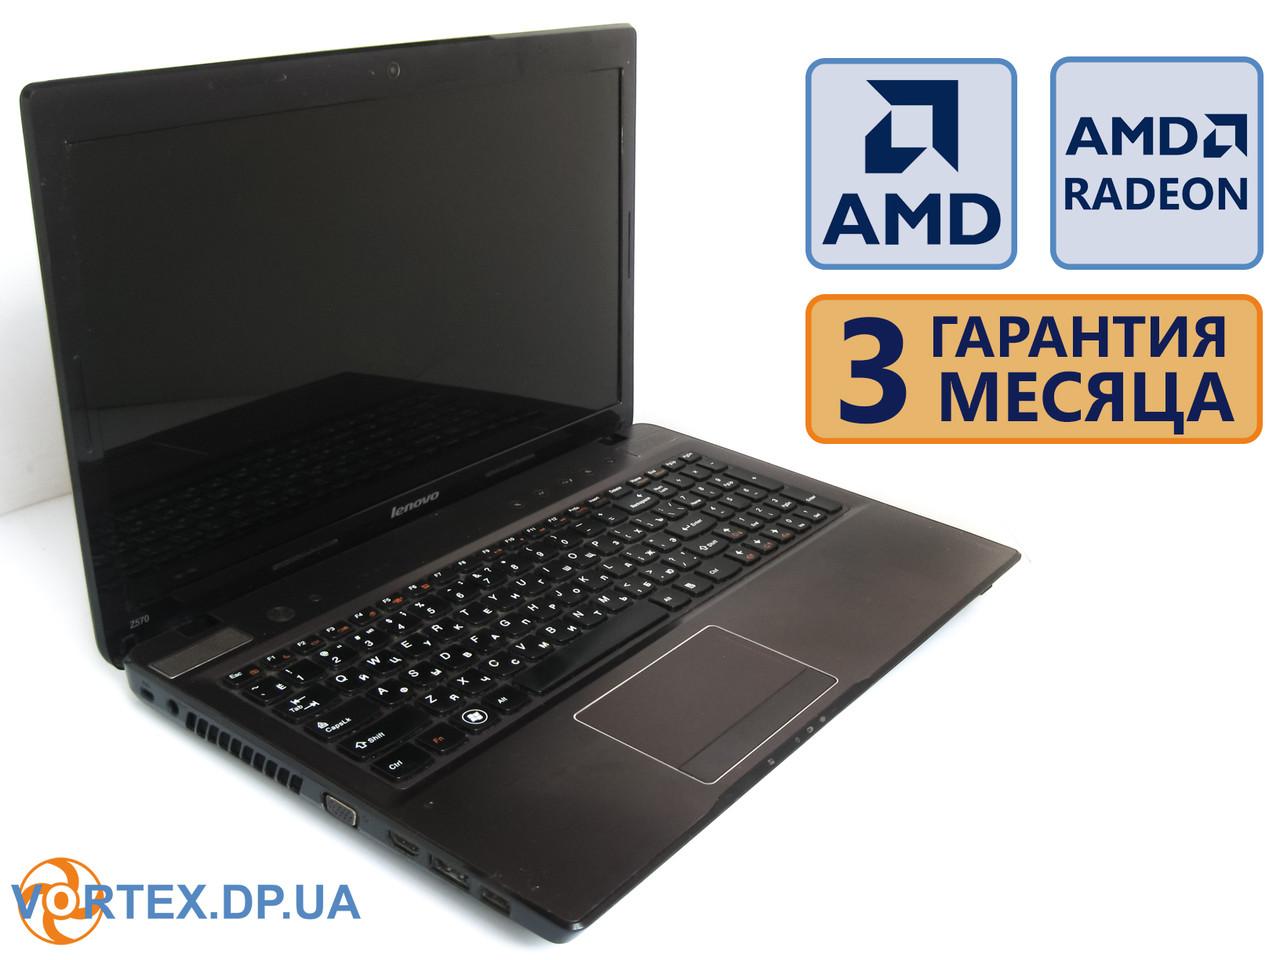 Ноутбук Lenovo Z575 15.6 (1366x768) / AMD A4-3300M (2x1.9GHz) / RAM 4G